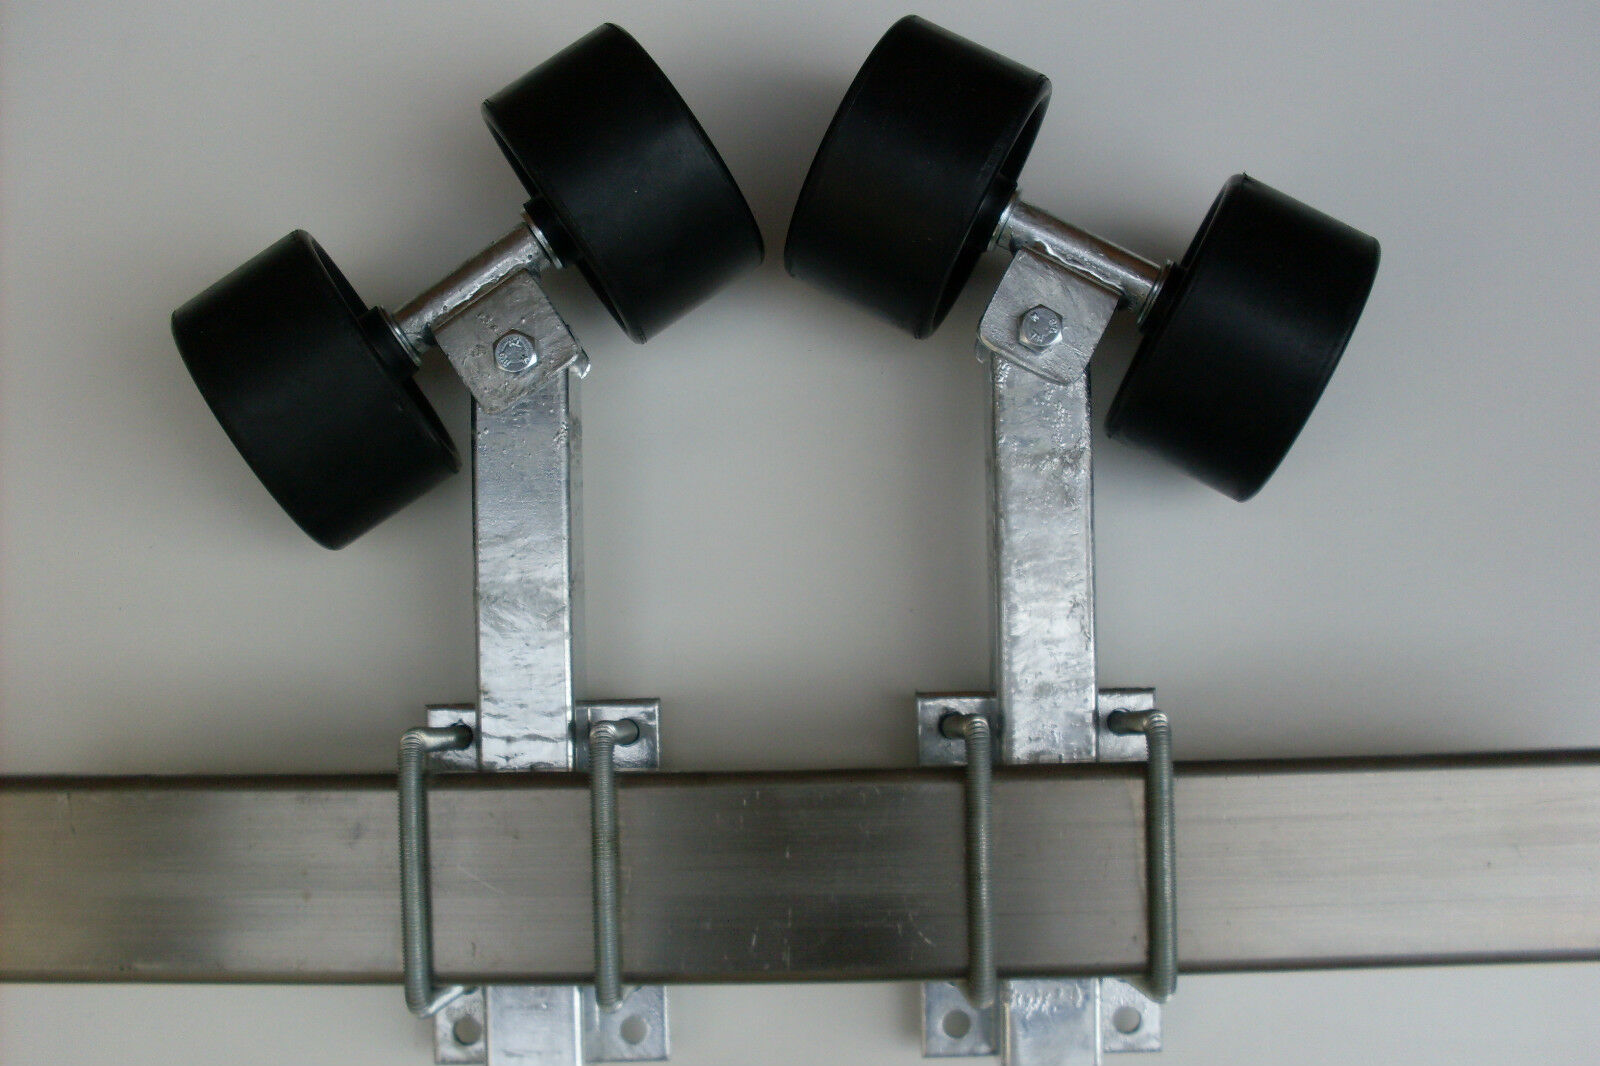 Sliprollen 2 mit Pendel für Stiefeltrailer, Sliphilfe,1Paar, 2 Sliprollen Stützenlängen wählbar 0c3130